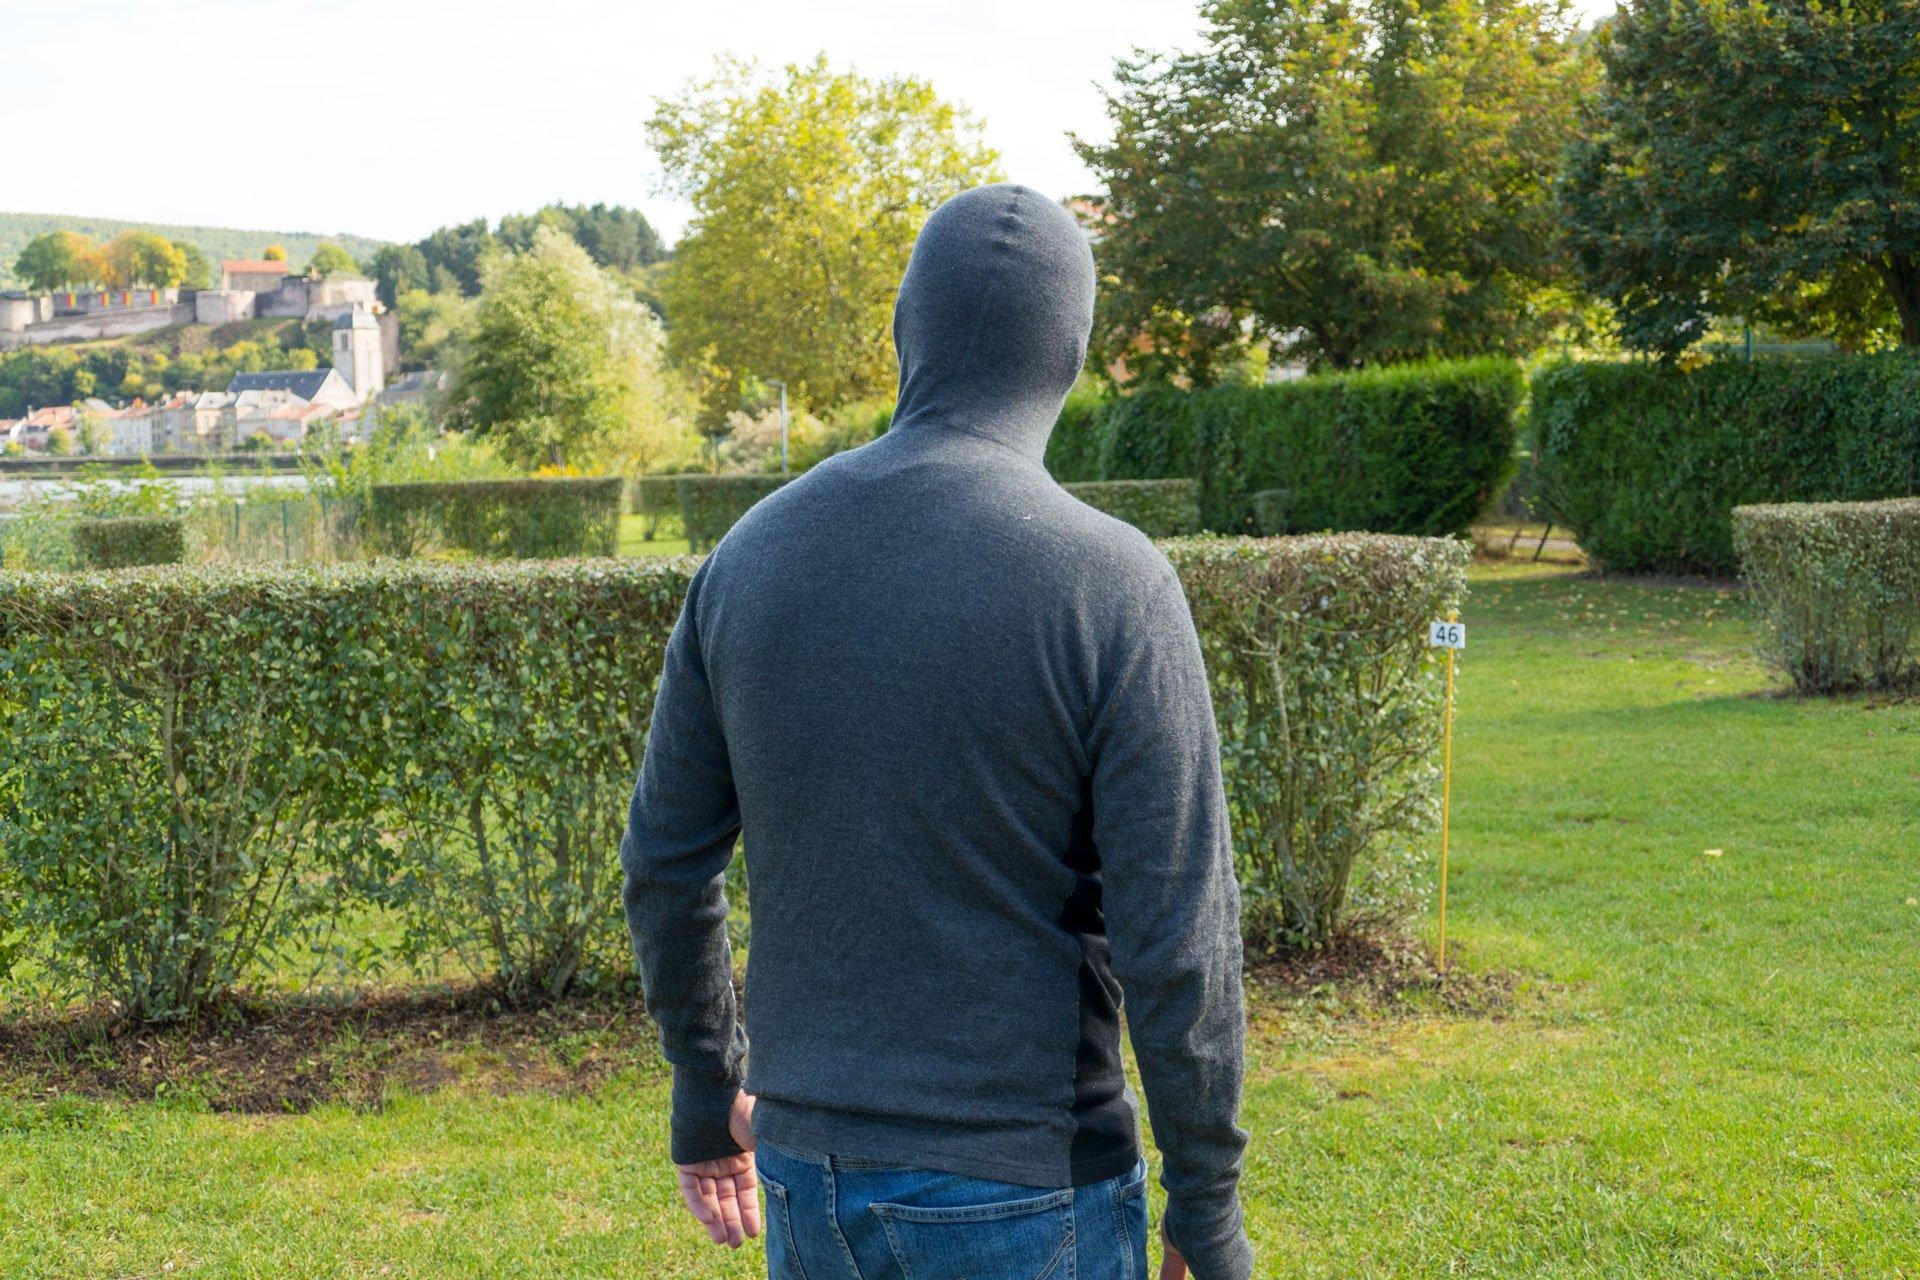 Rückansicht vom Warmwool Hooded Sweater